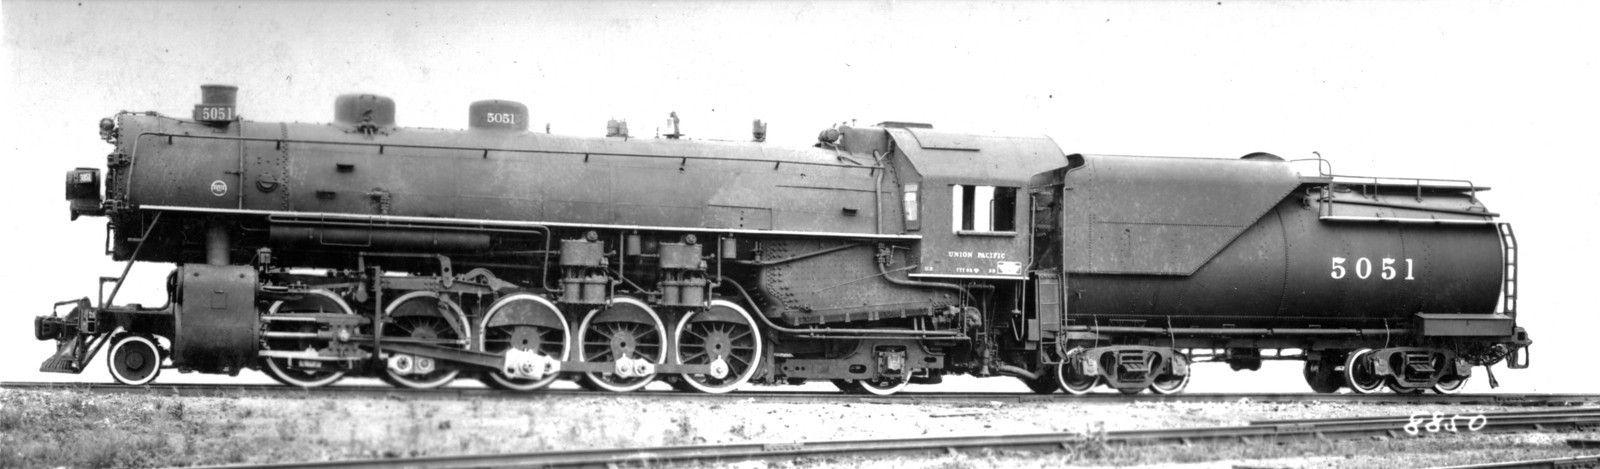 UP Steam Locomotives (UPRR) - Don Strack | Trains